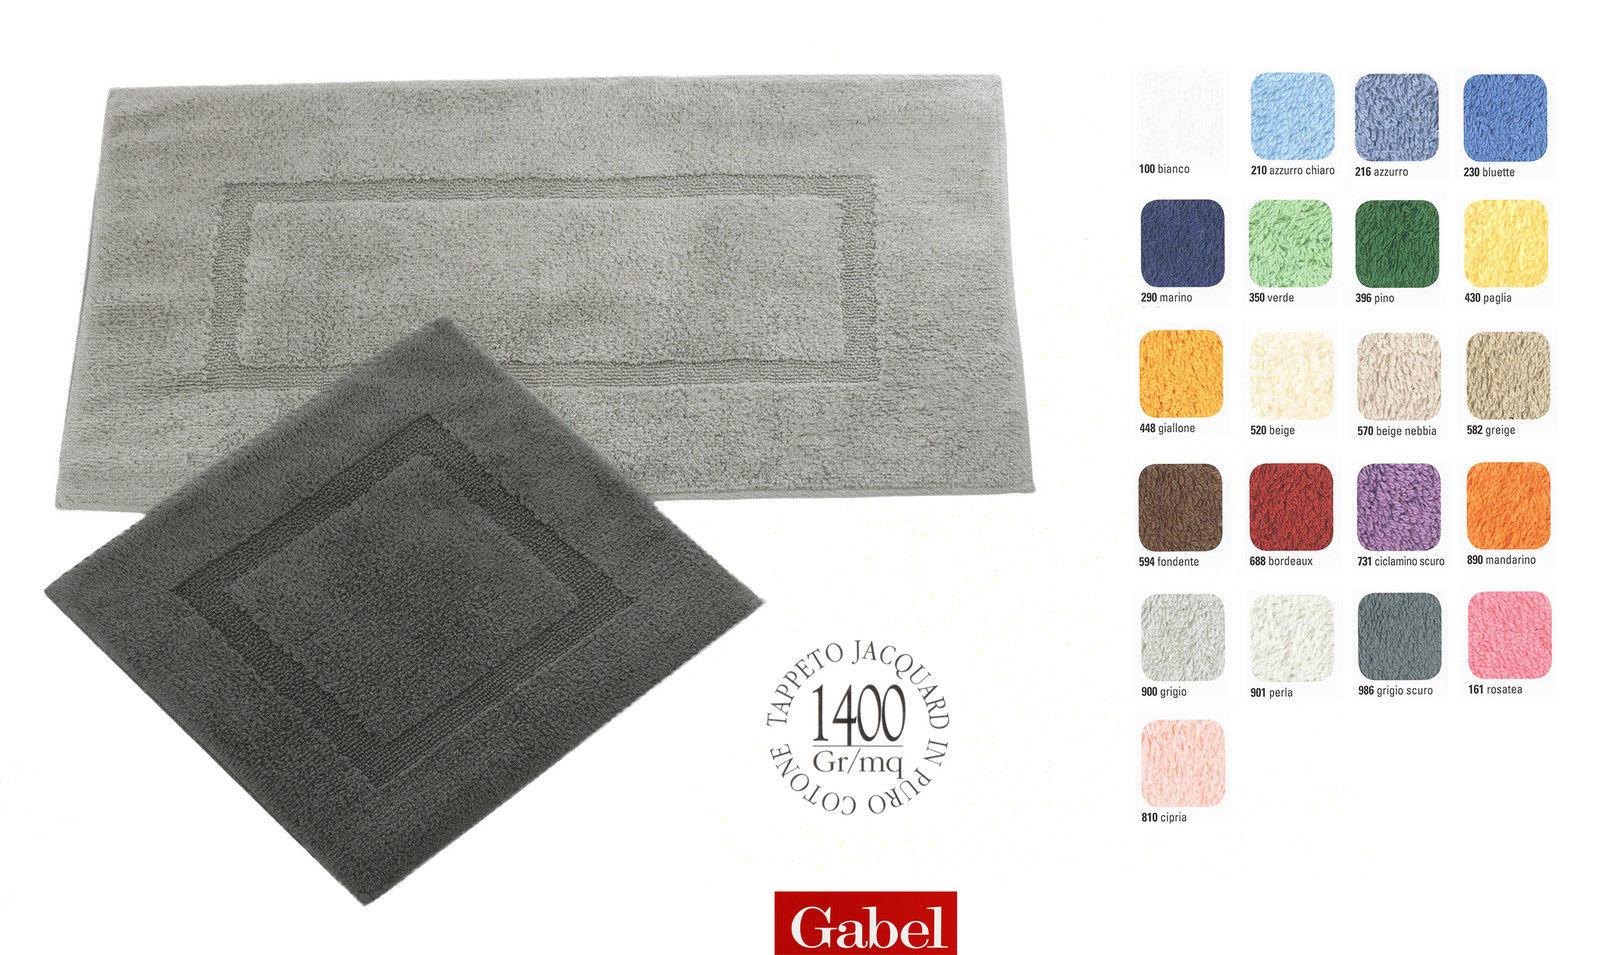 Tappeto Da Bagno Gabel 70 140 In Puro Cotone SCONTO